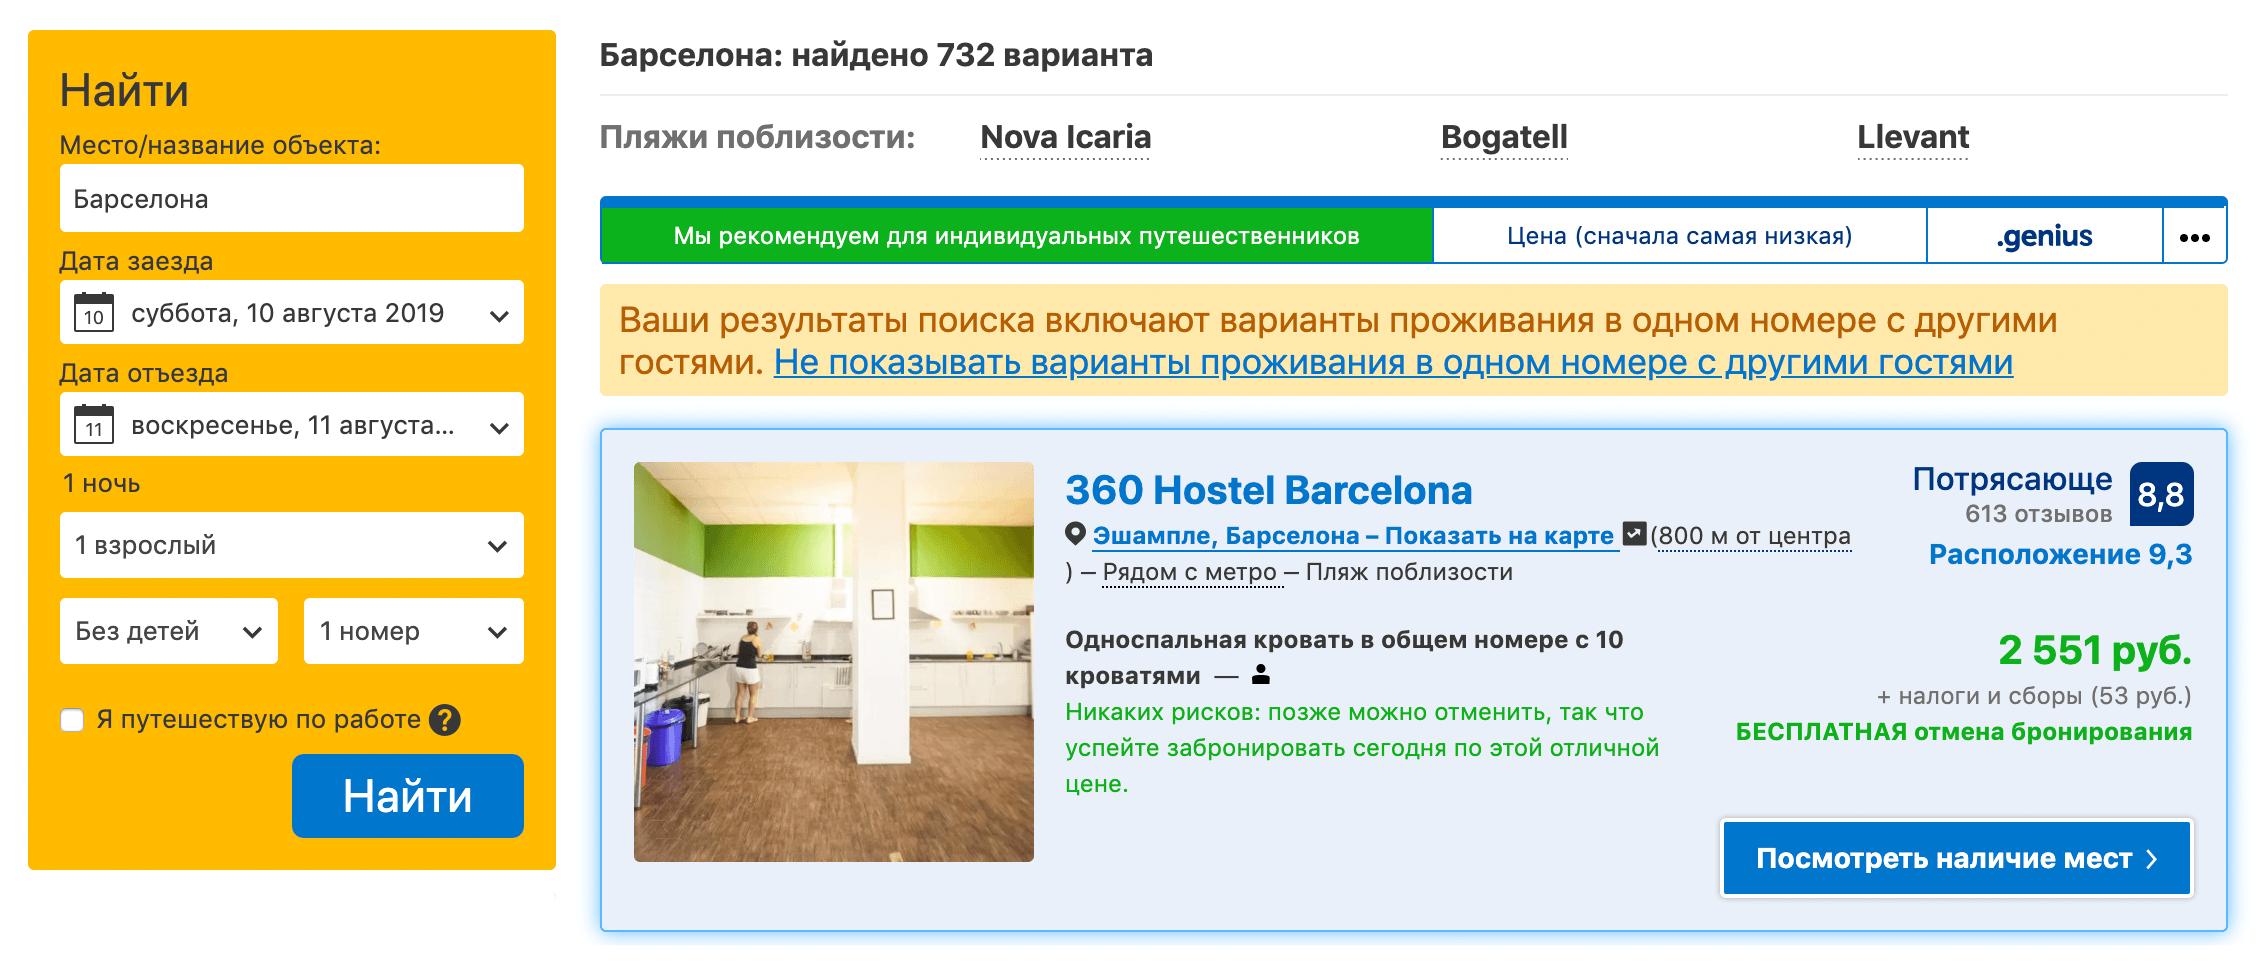 В высокий сезон цены в 2—3 раза выше. В ноябре мы заплатили за ночь в этом хостеле 770 р., а в августе кровать в нем стоила 2500 р.